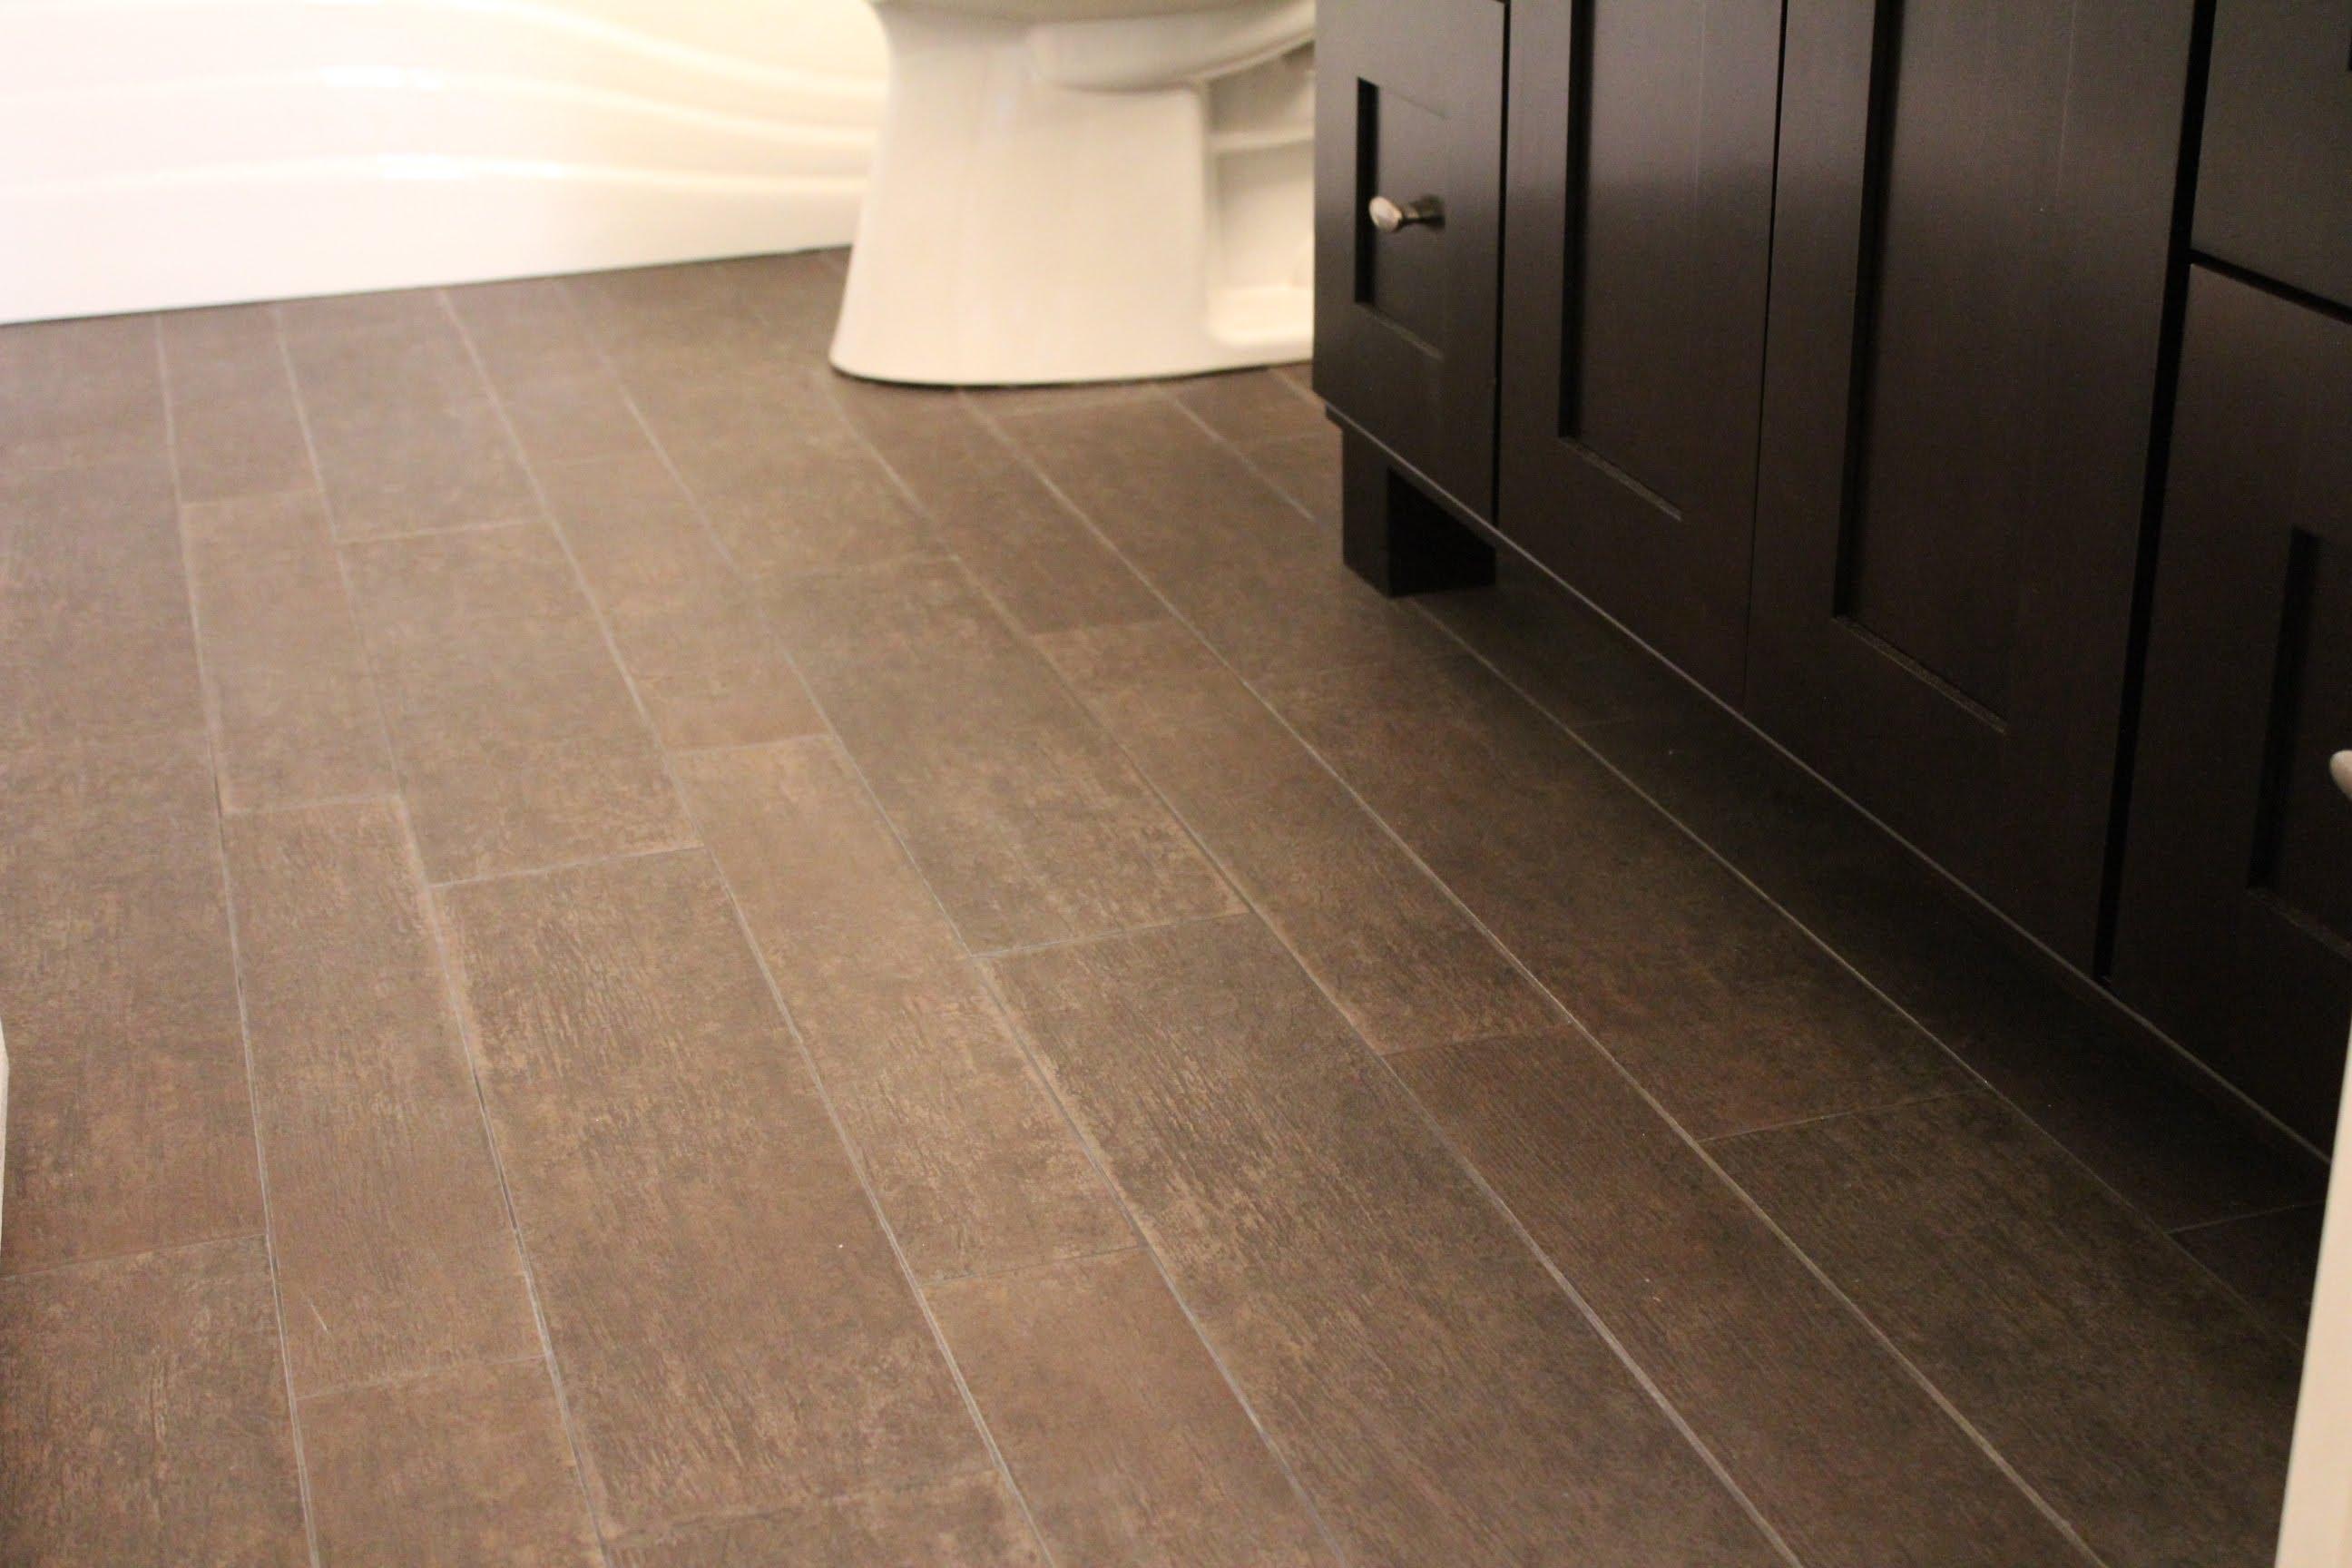 wood tile floors installing tile that looks like hardwood - youtube AHHTWCJ